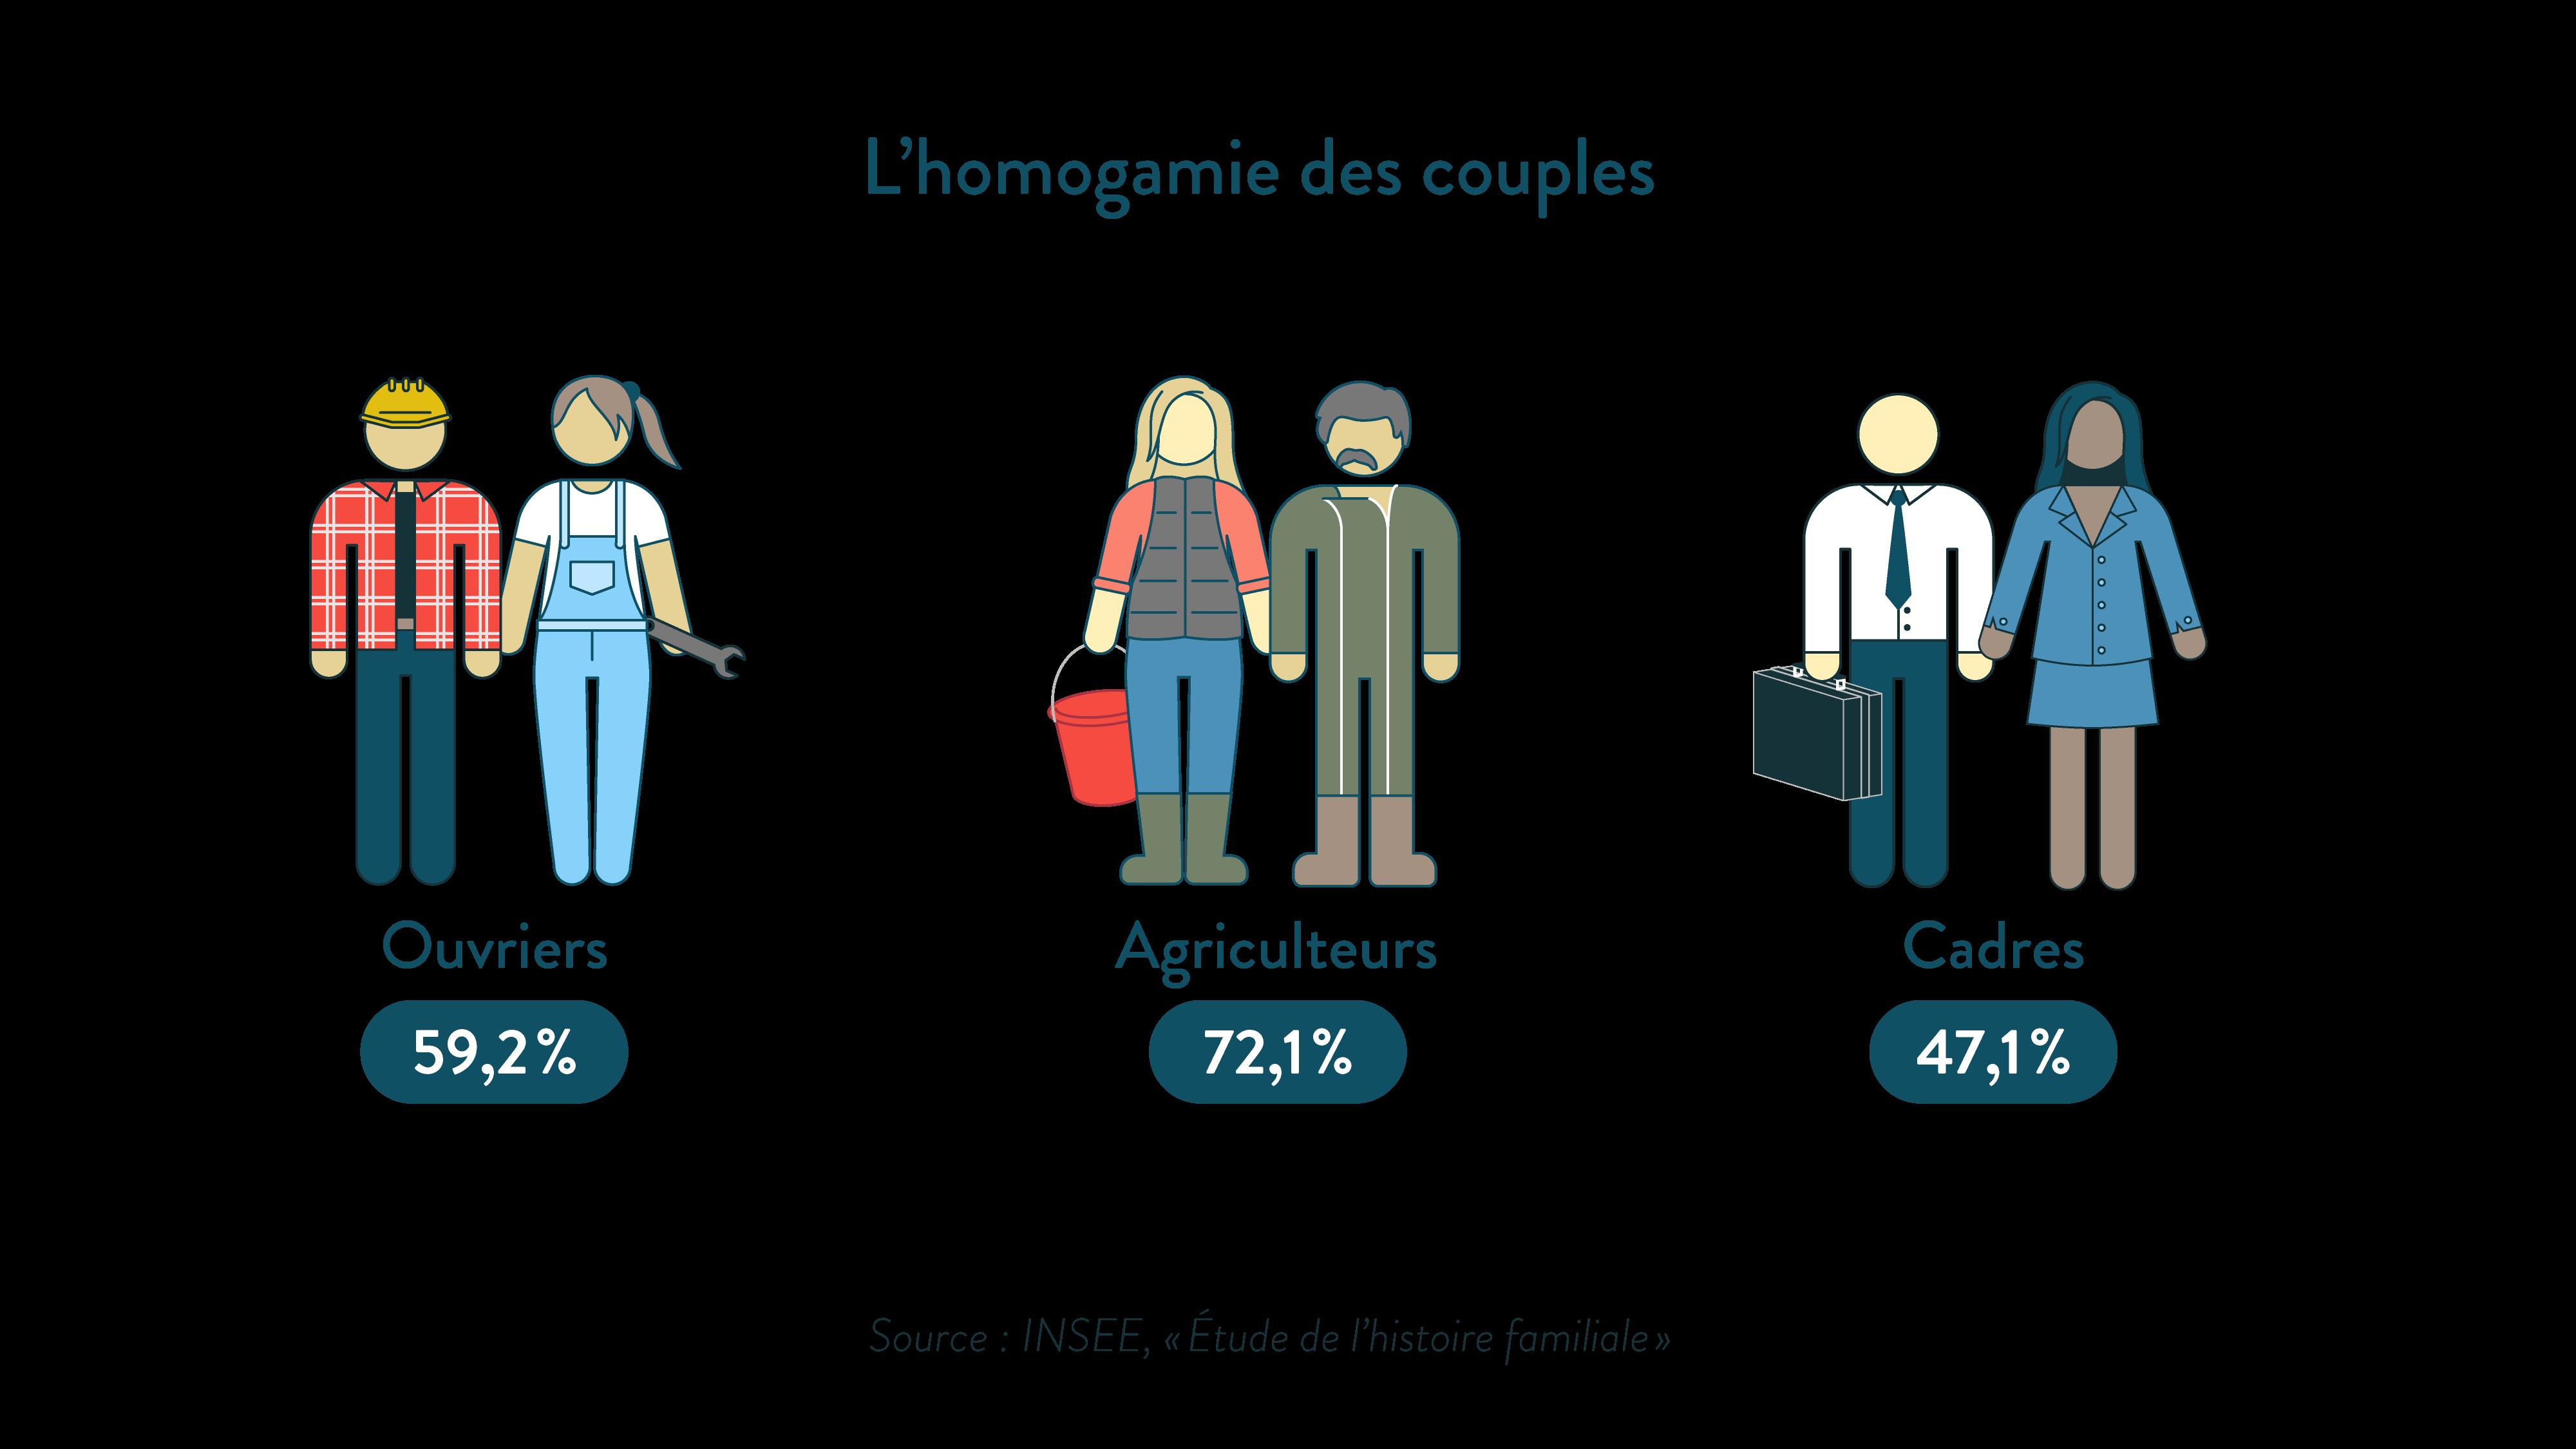 L'homogamie des couples ses première